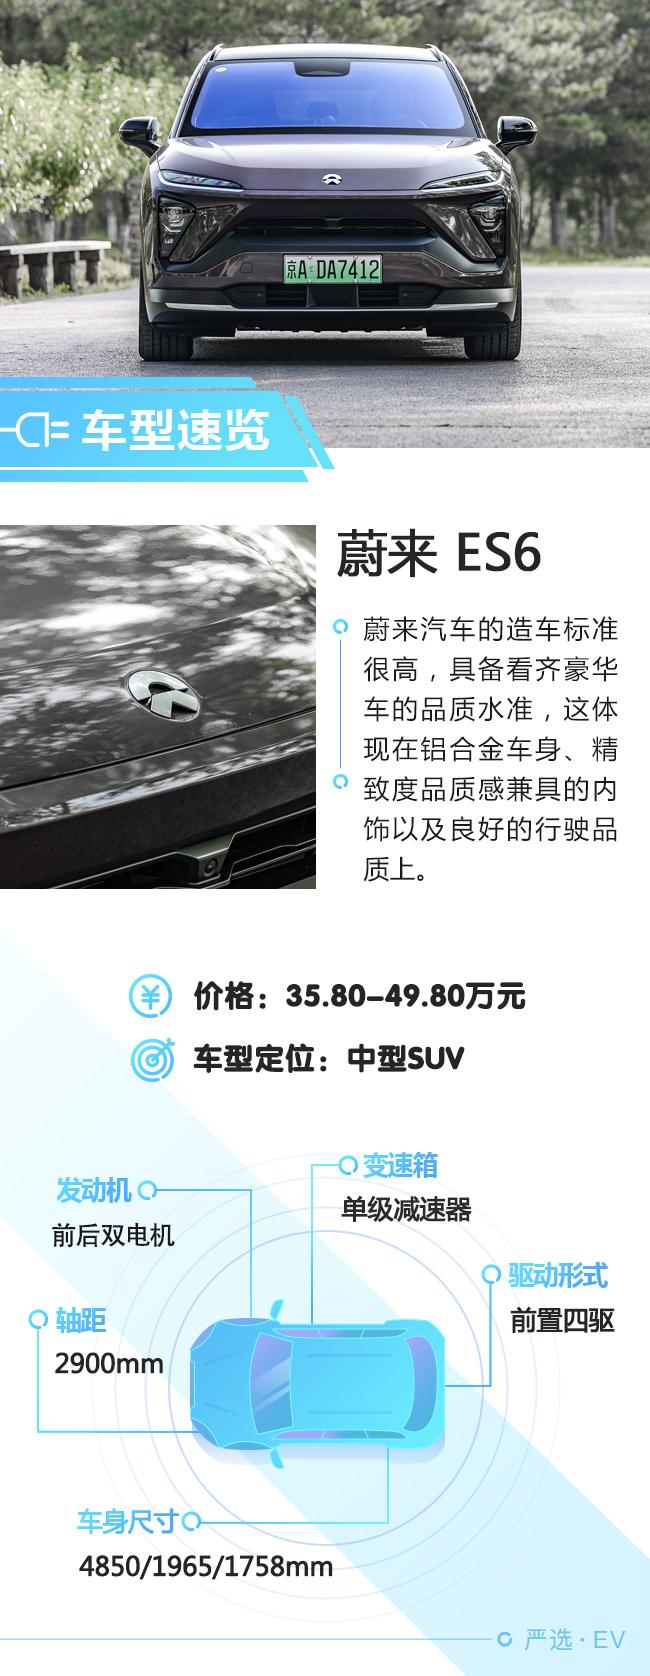 全面优化回击质疑 试驾蔚来ES6首发纪念版